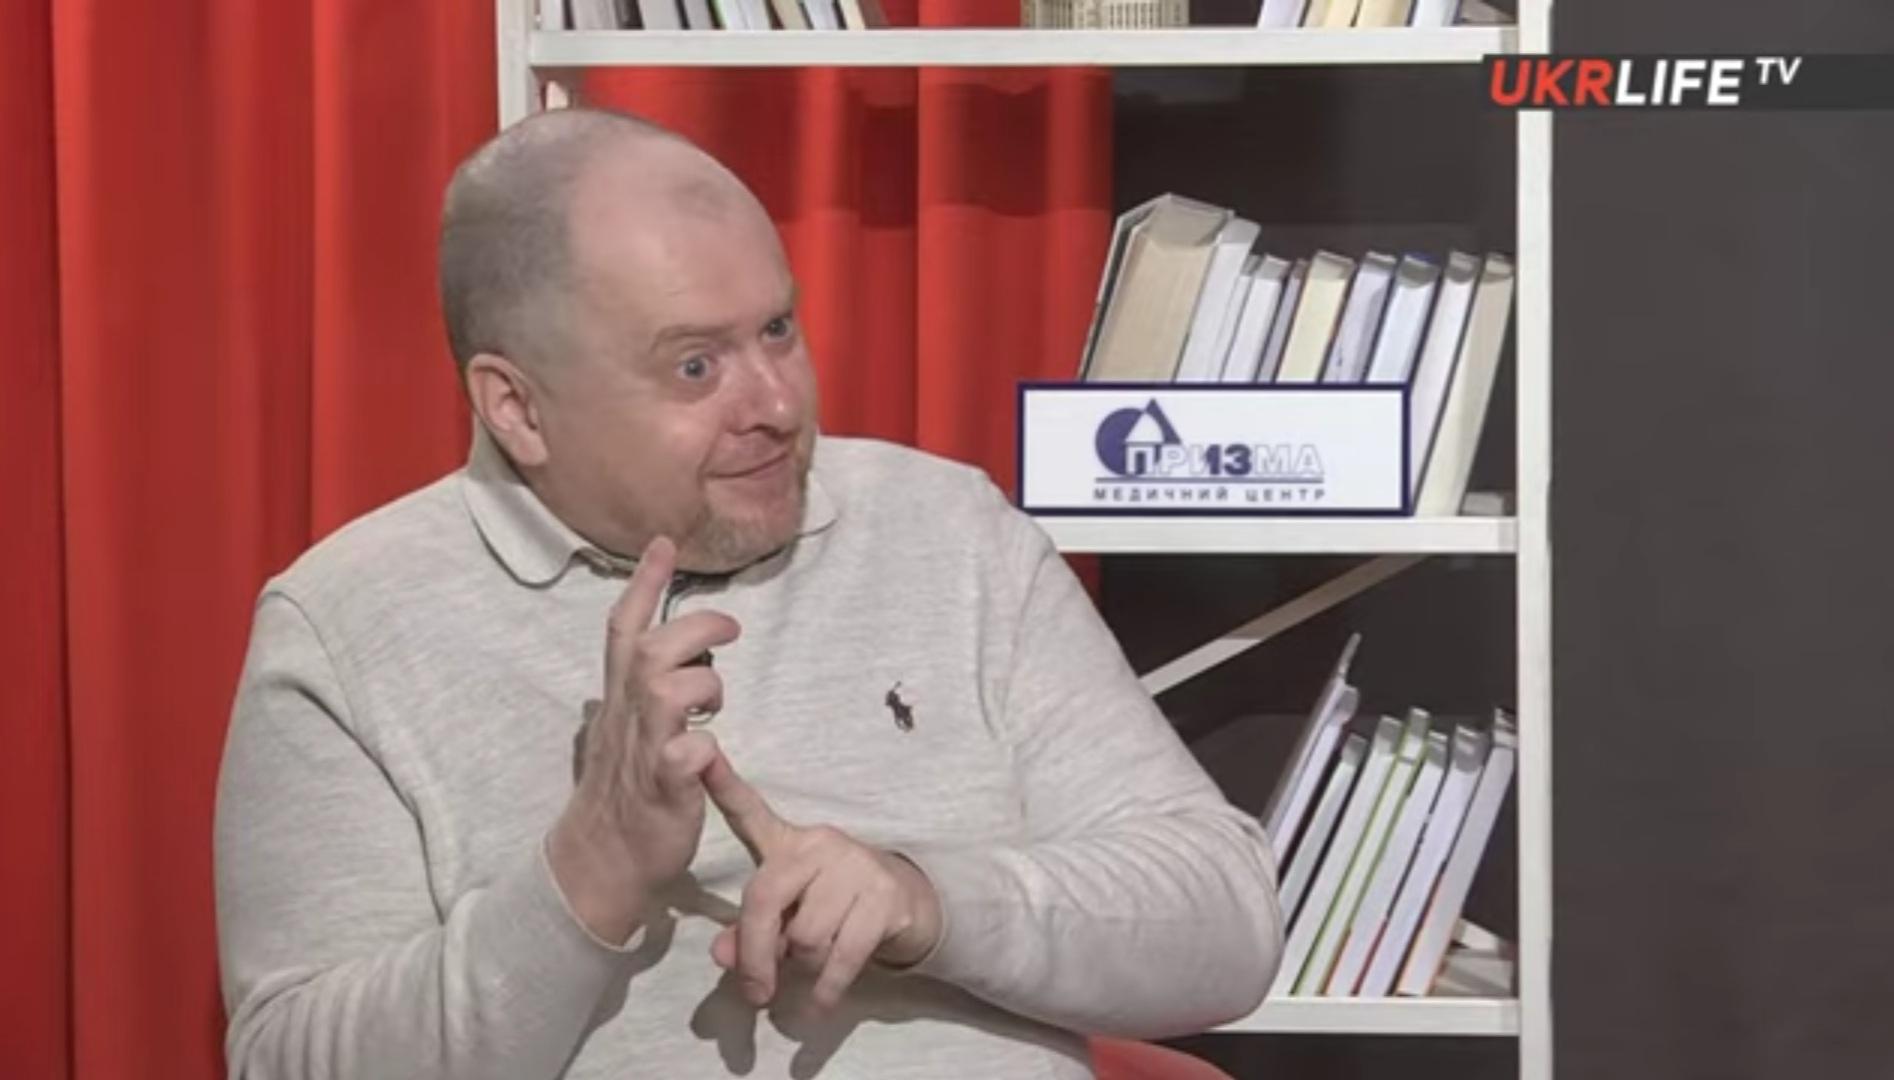 Мы сформировали долговую яму из коммунальных тарифов, из которой никто не может вырваться, – Олег Попенко